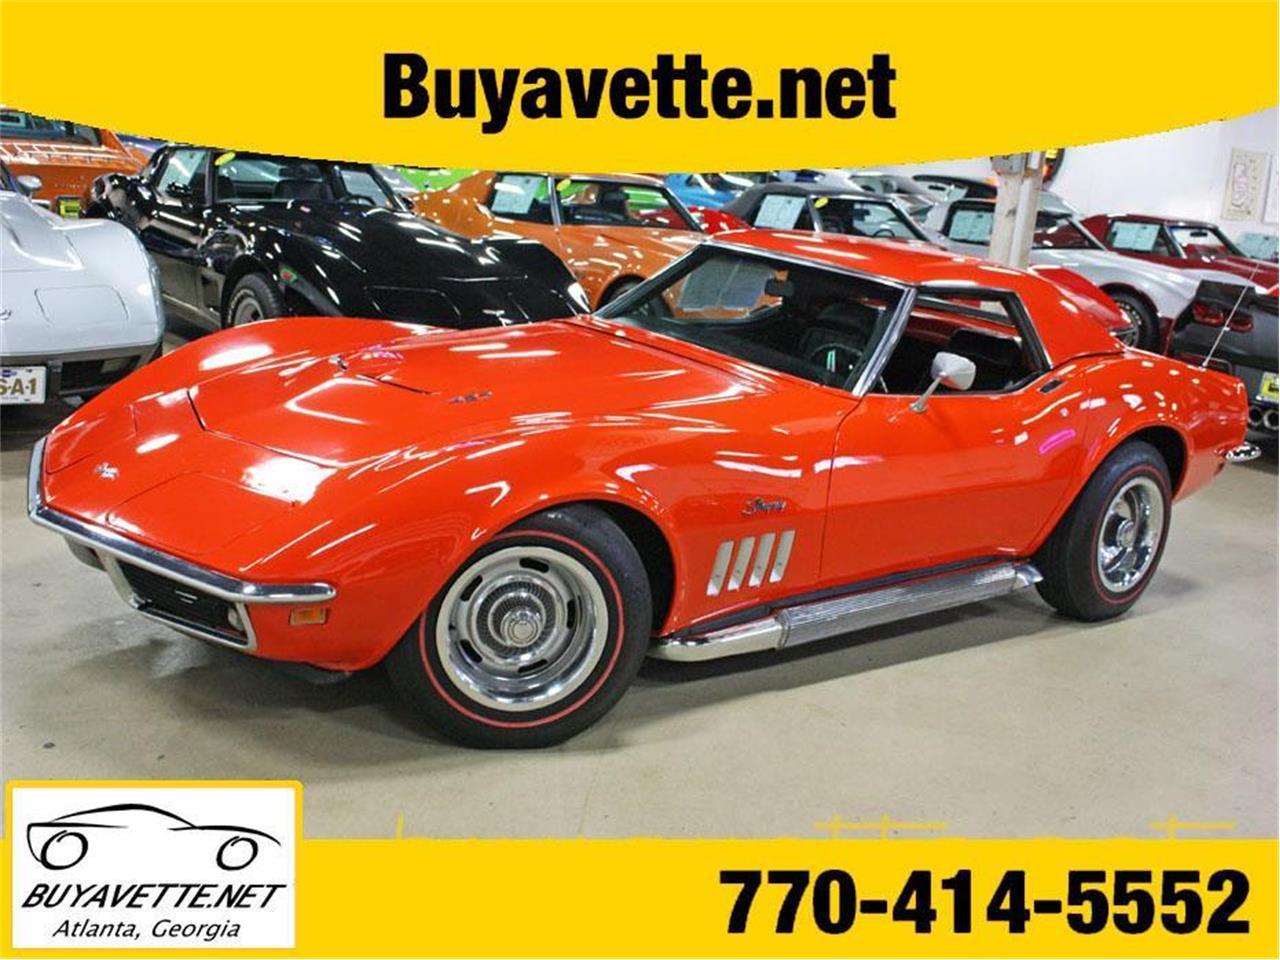 For Sale: 1969 Chevrolet Corvette in Atlanta, Georgia